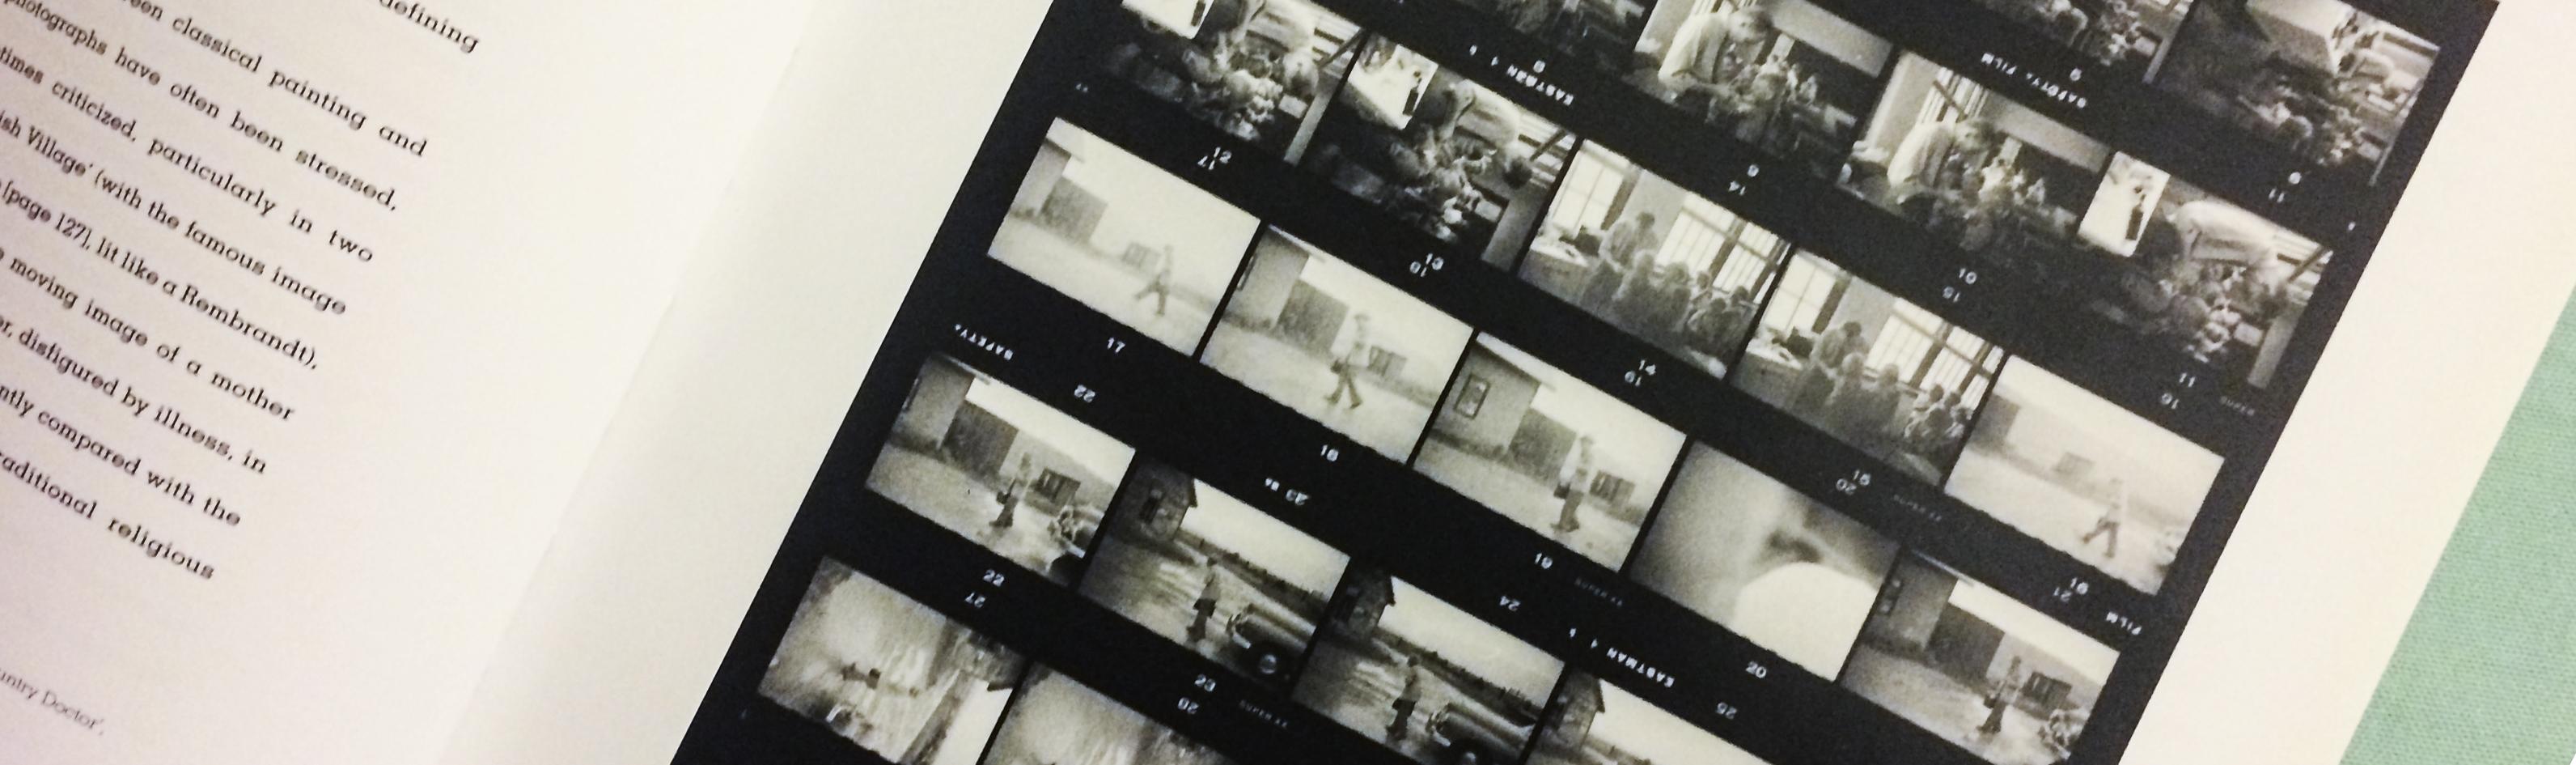 """Pagine del libro """"W. Eugene Smith. The camera as coscience"""""""